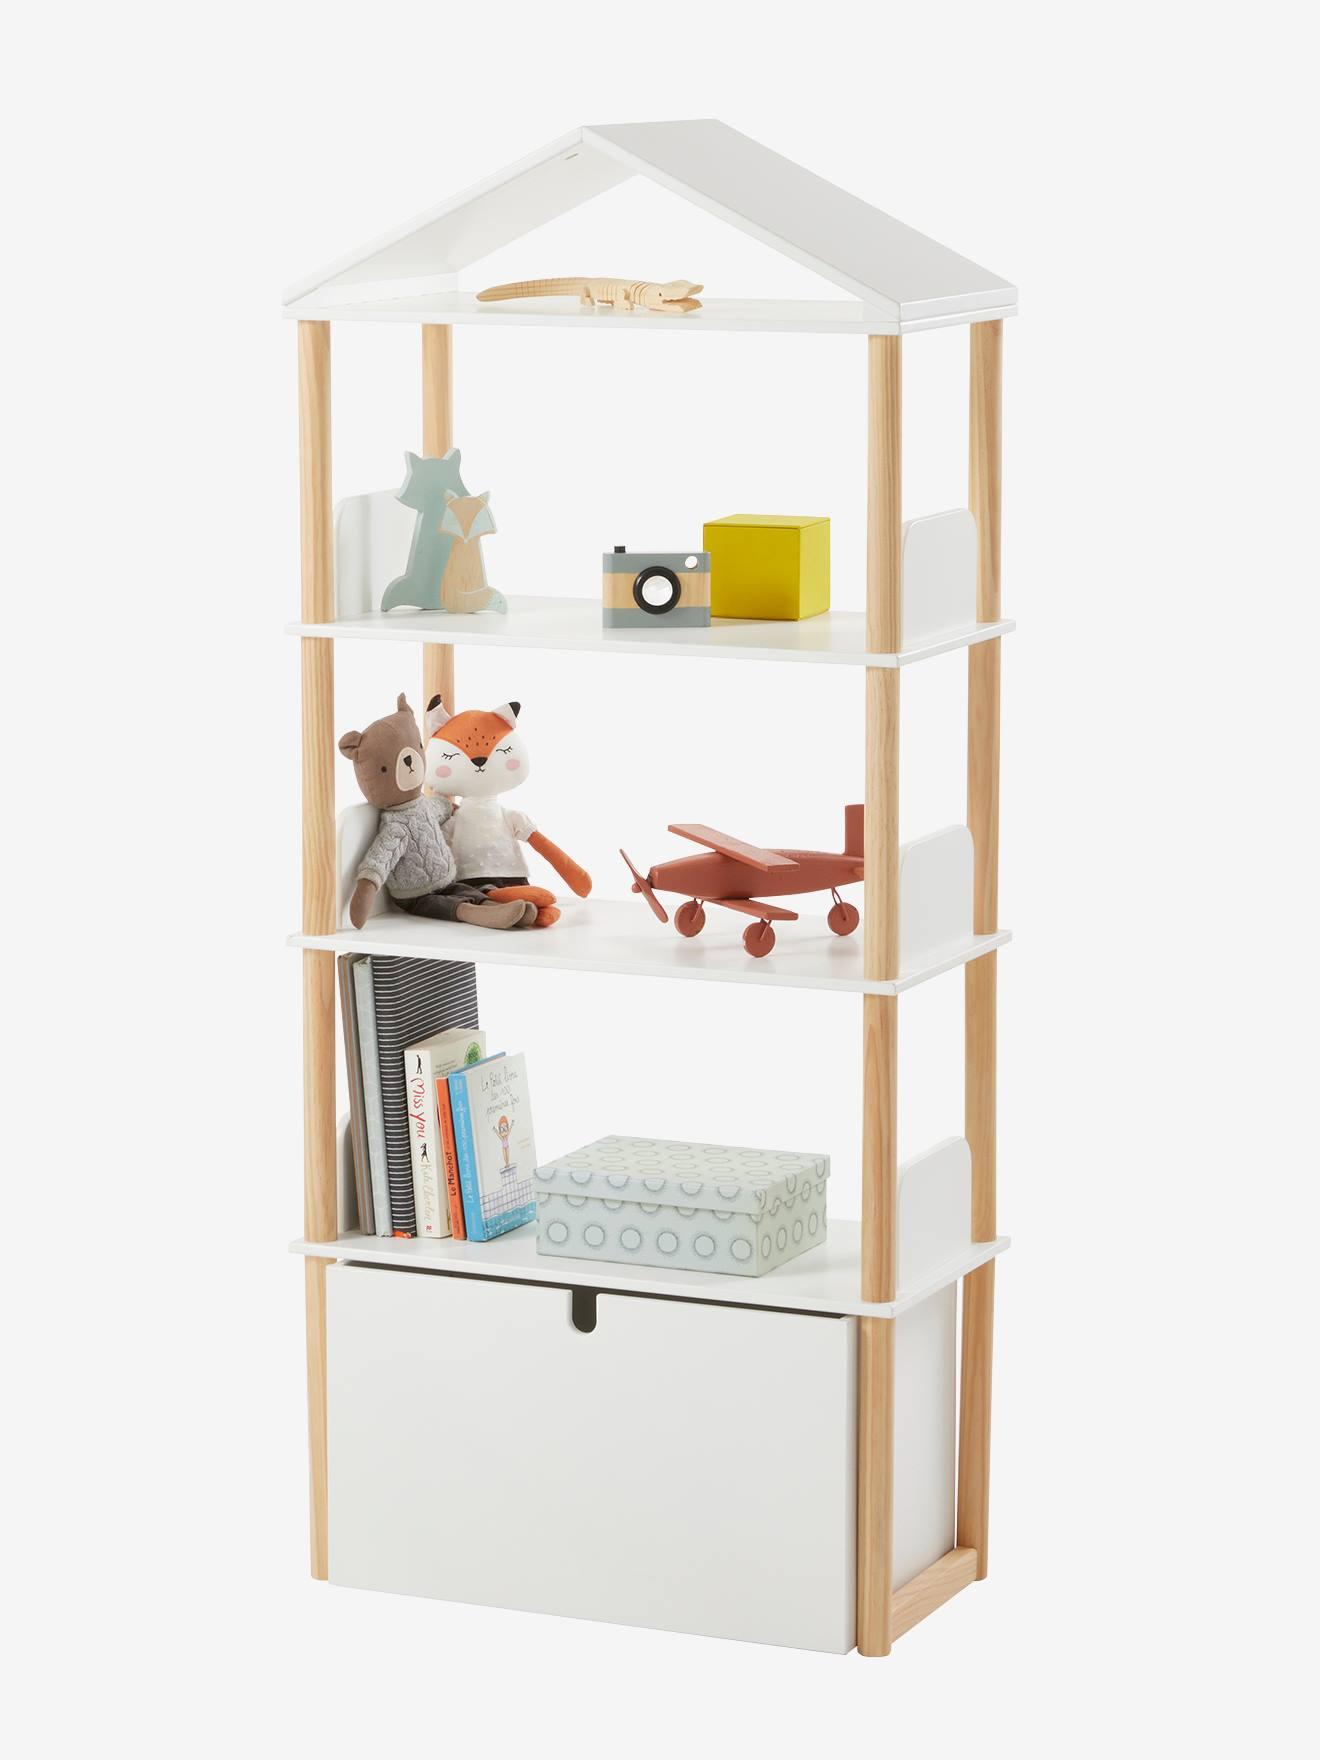 estanteria-libreria-casa-linea-woody.jpg